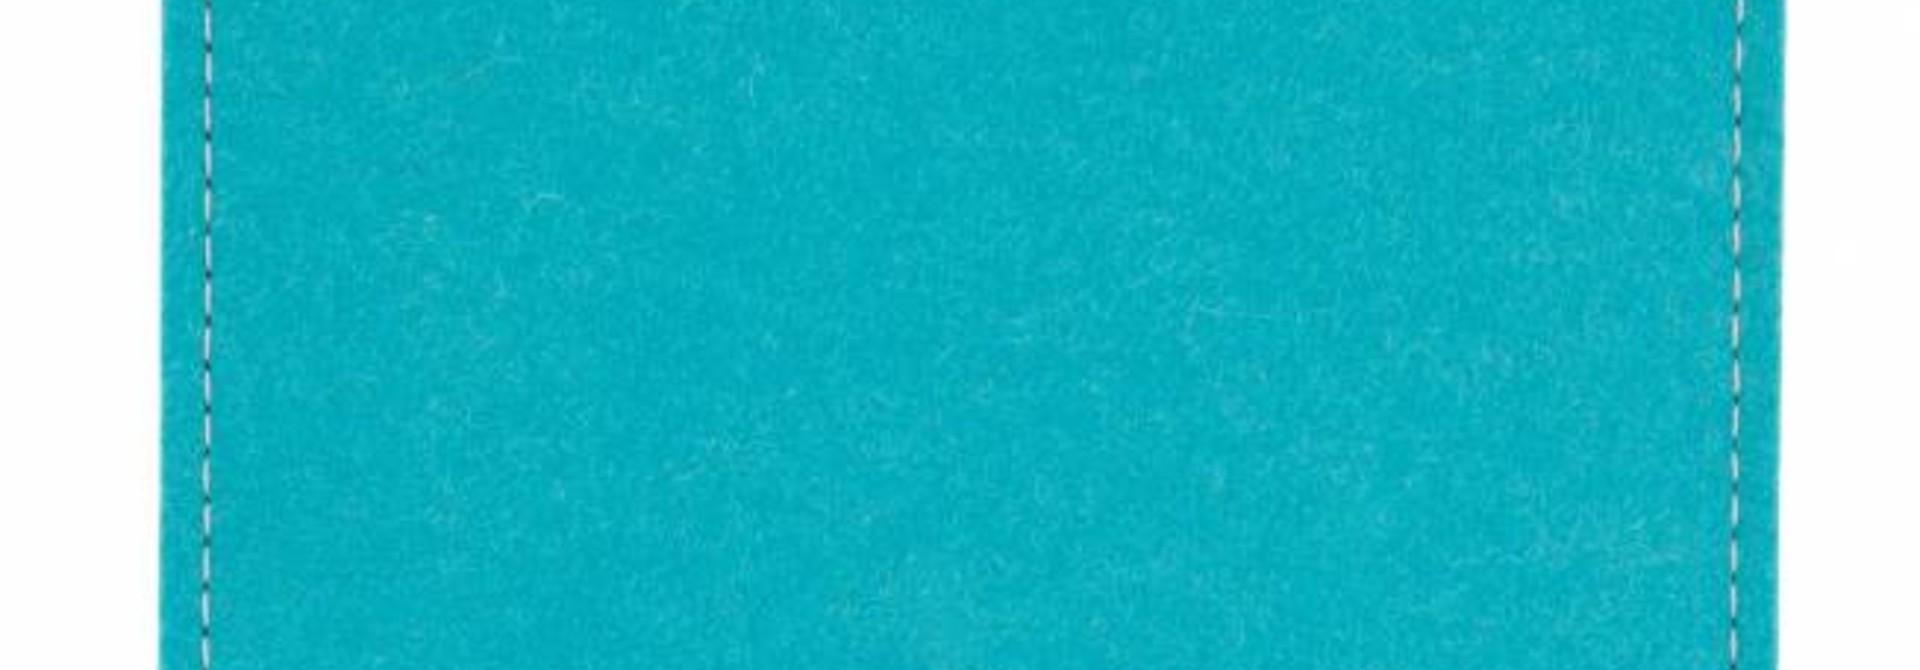 iPad Sleeve Turquoise